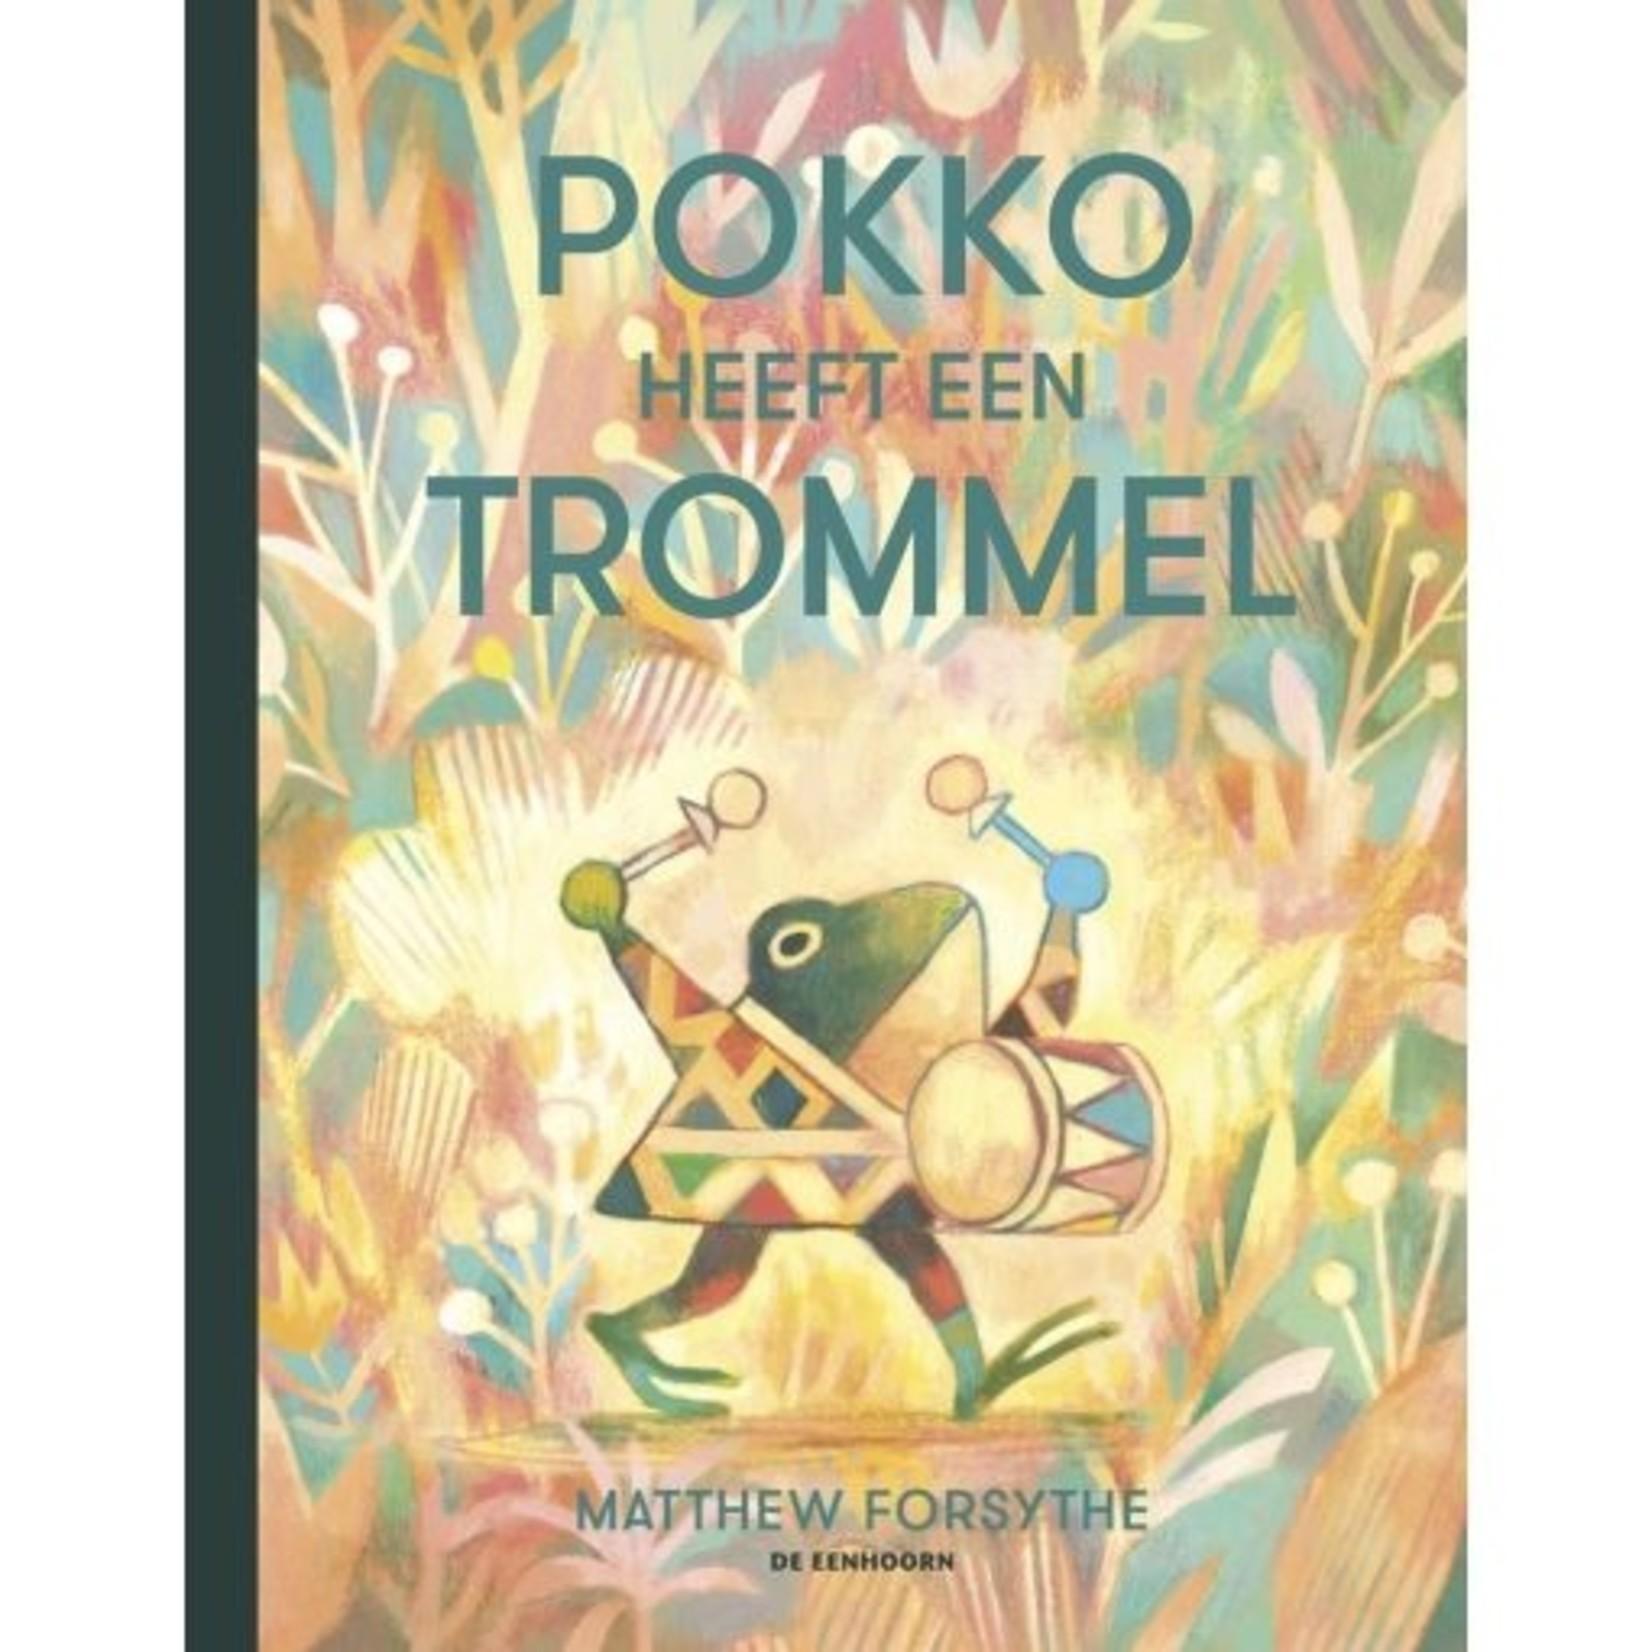 de eenhoorn Pokko heeft een trommel Matthew Forsythe